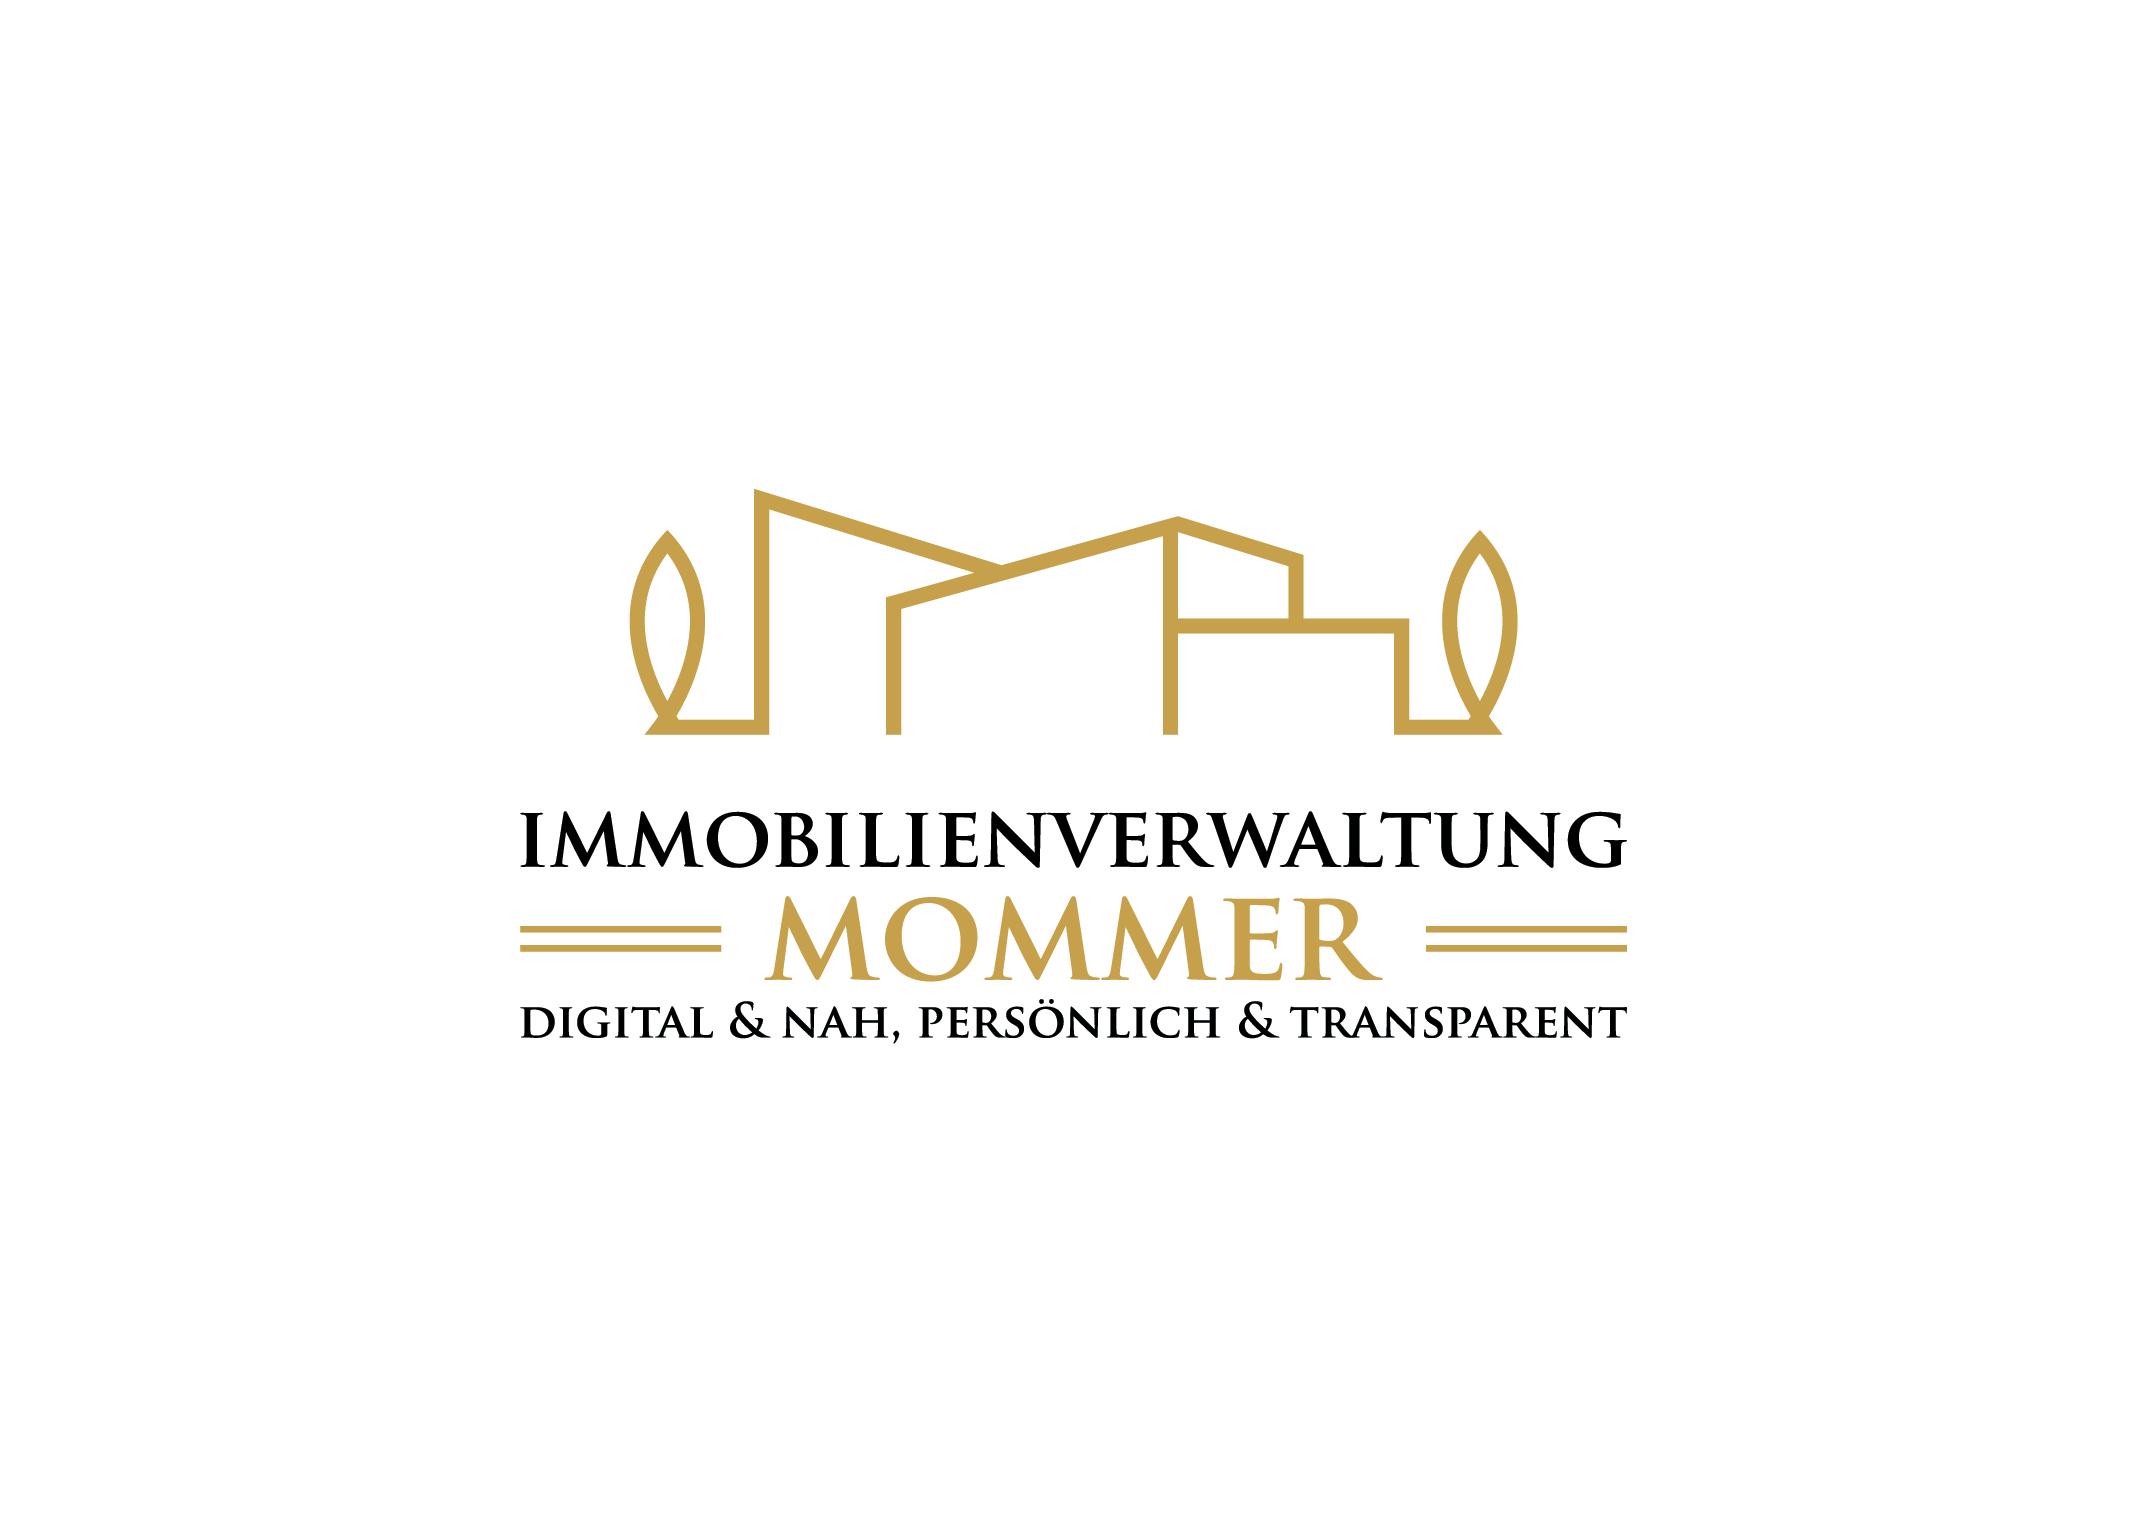 Immobilienverwaltung Mommer GmbH & Co. KG